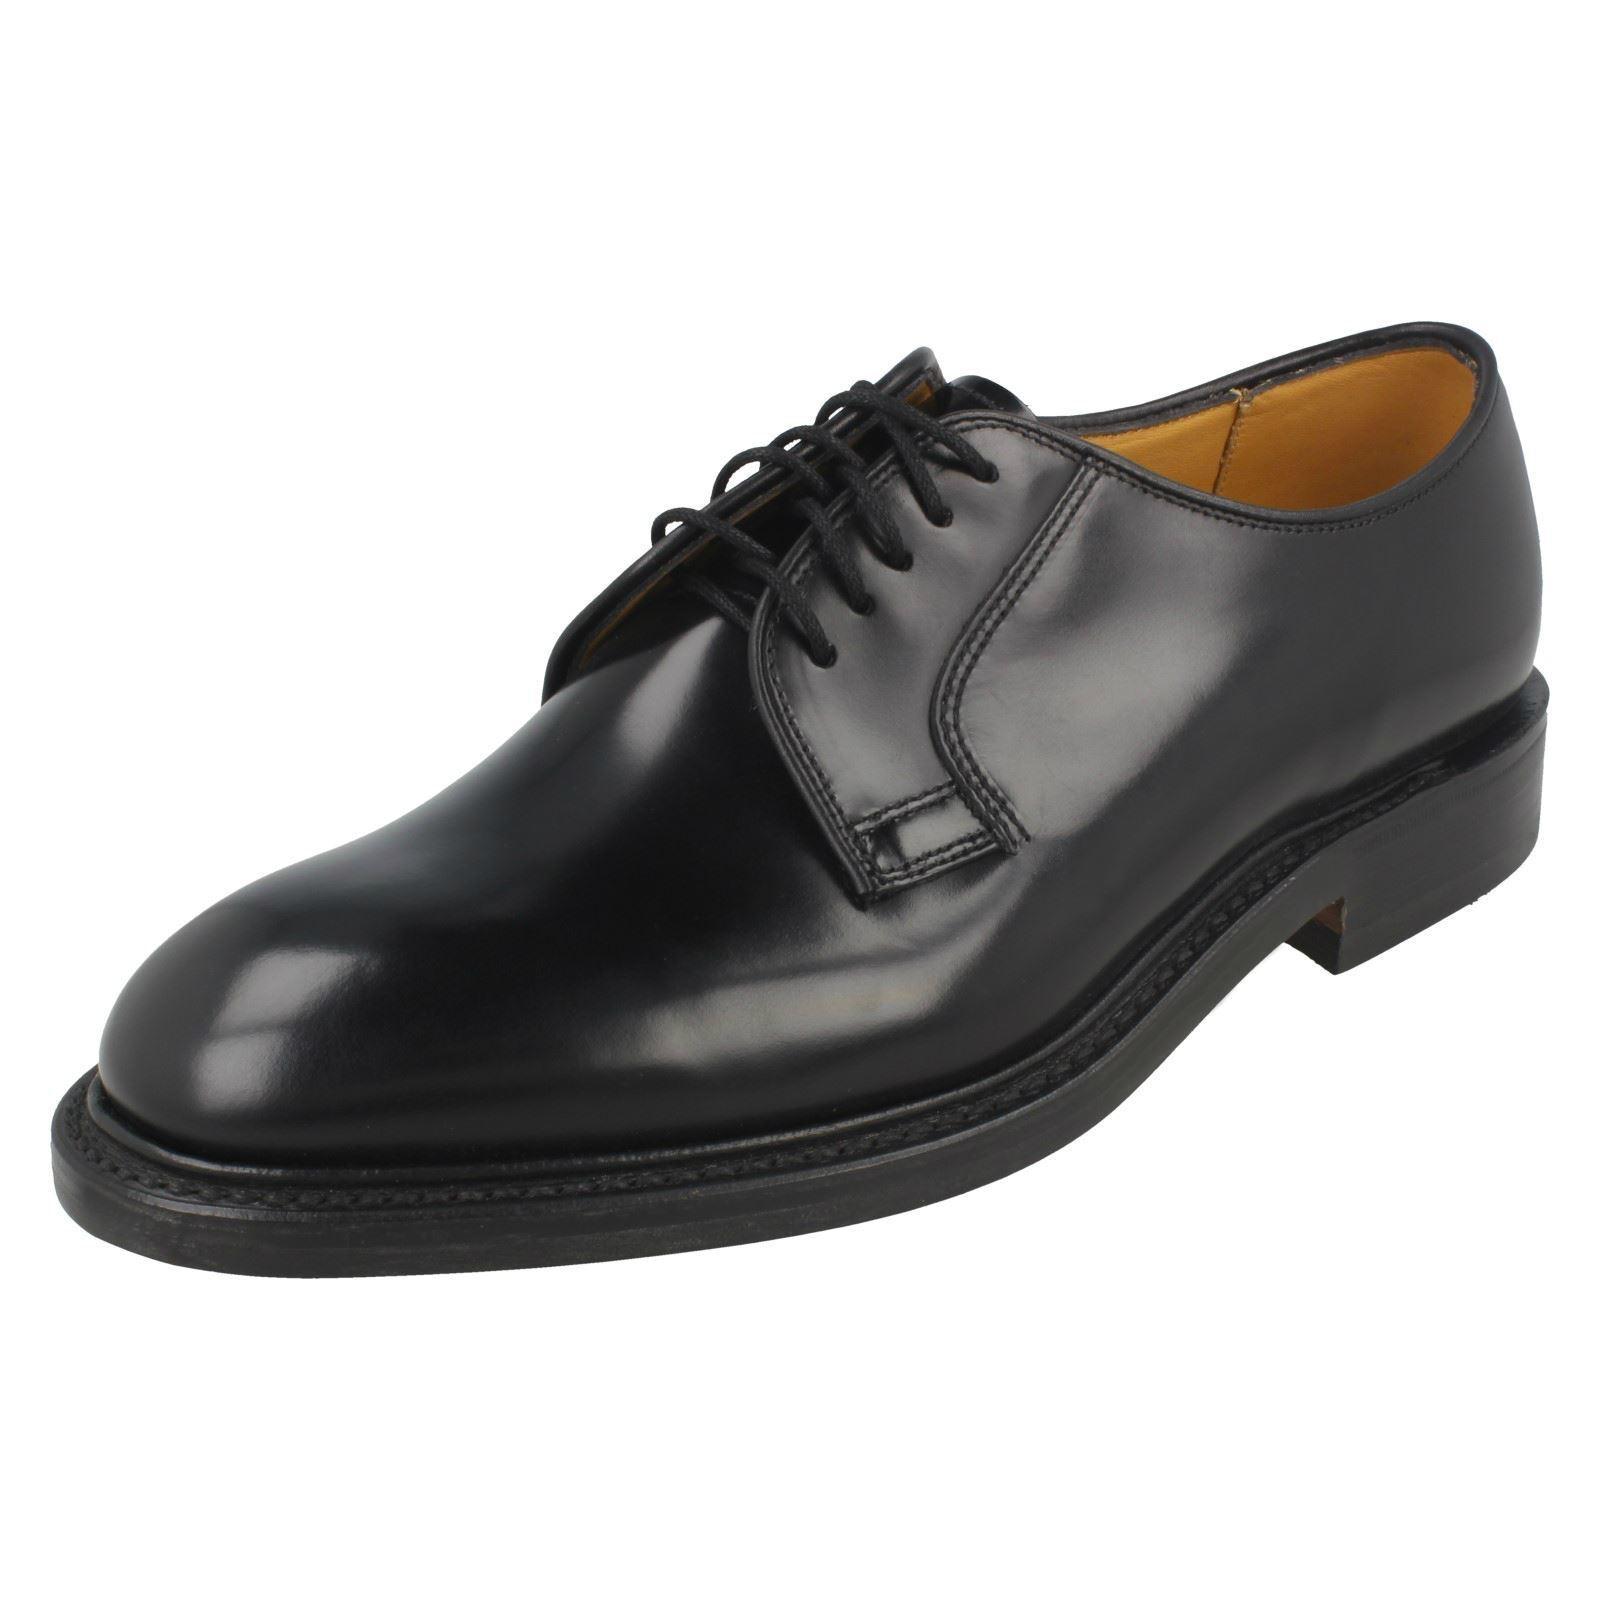 Zapatos Para Hombre Formales Cuero Loake Pulido  771 B